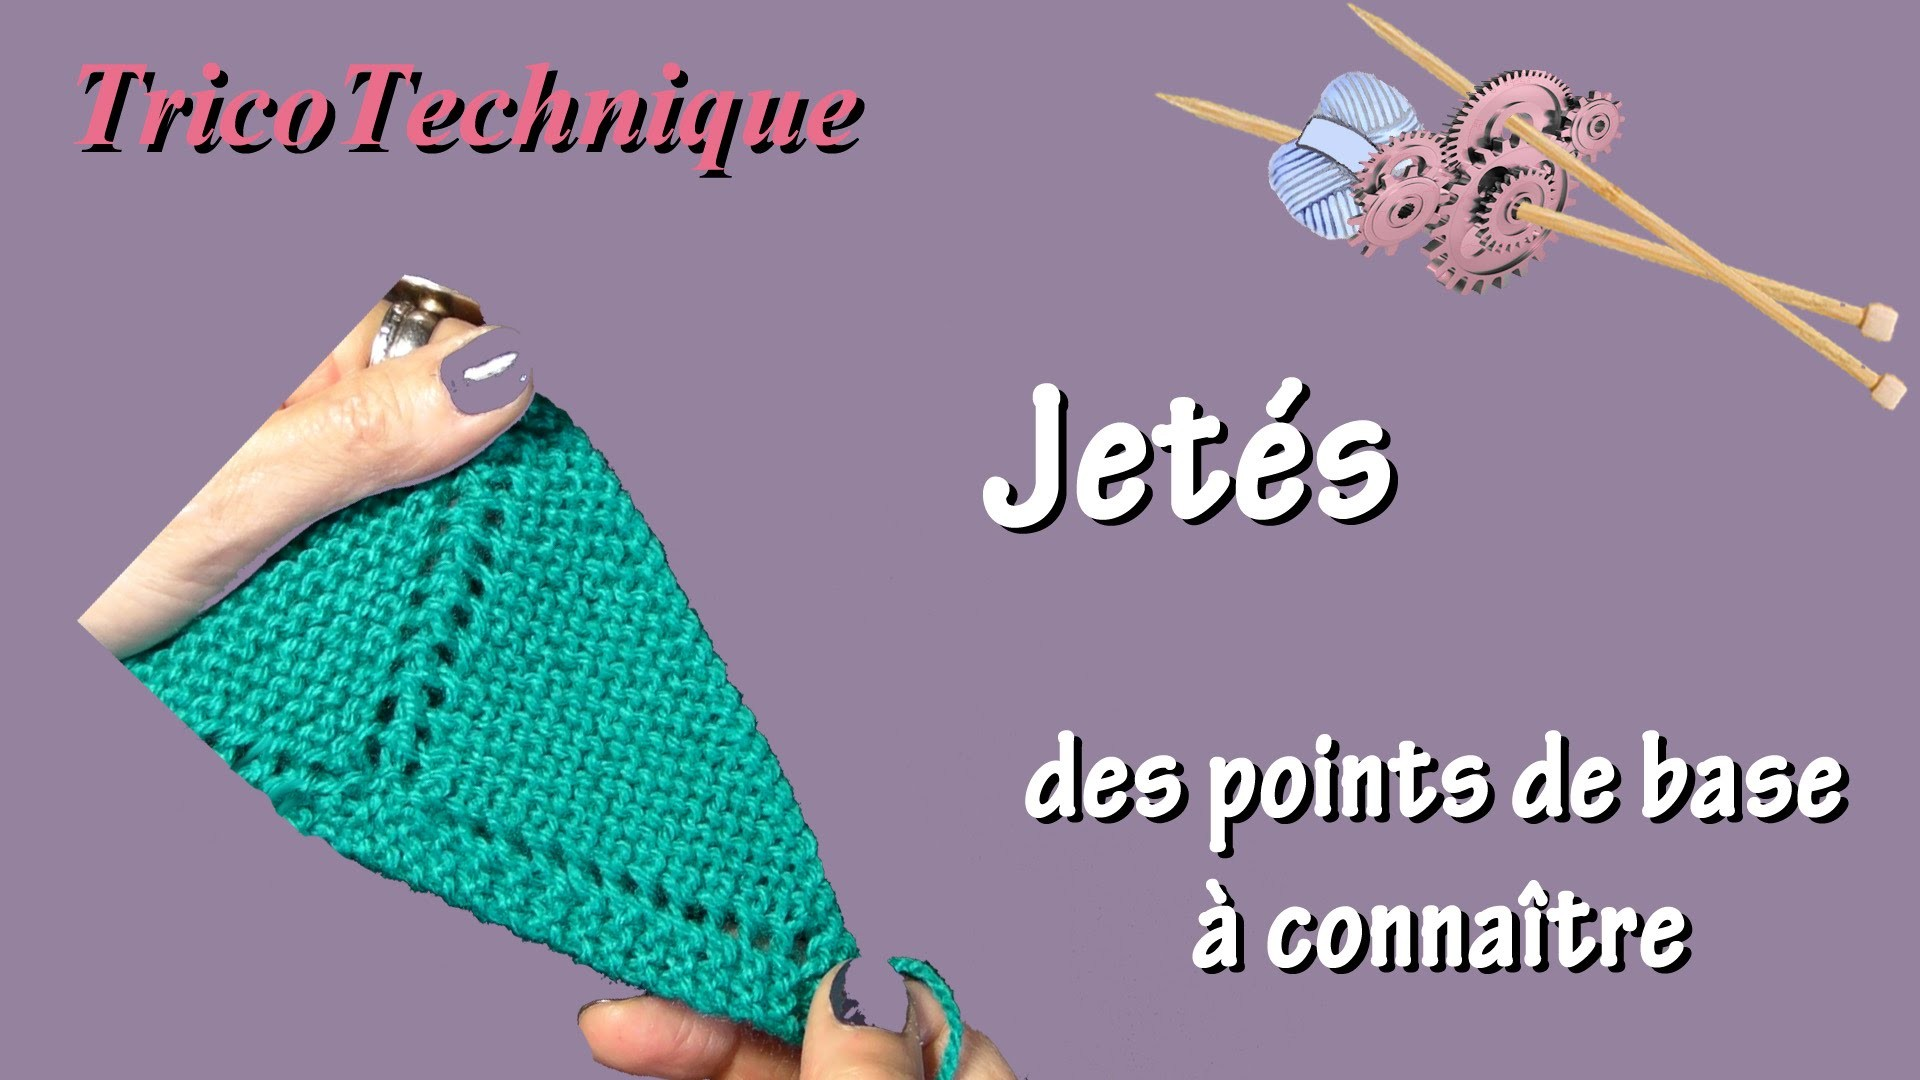 les bases du tricot savoir faire les jet s. Black Bedroom Furniture Sets. Home Design Ideas